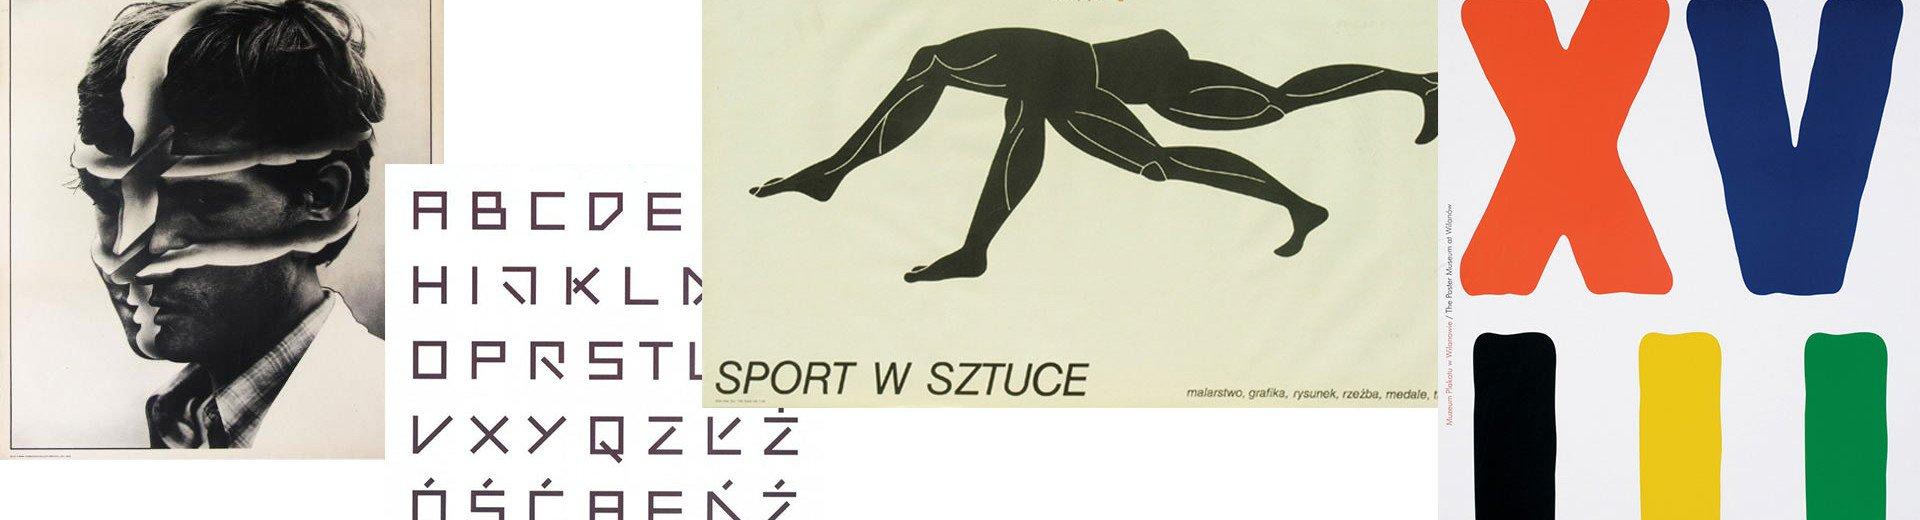 """Okładka artykułu """"Szymborska jest tak konkretna, jak konkretna powinna być dobra grafika"""" — Spojrzenie Wojciecha Freudenreicha na grafikę"""